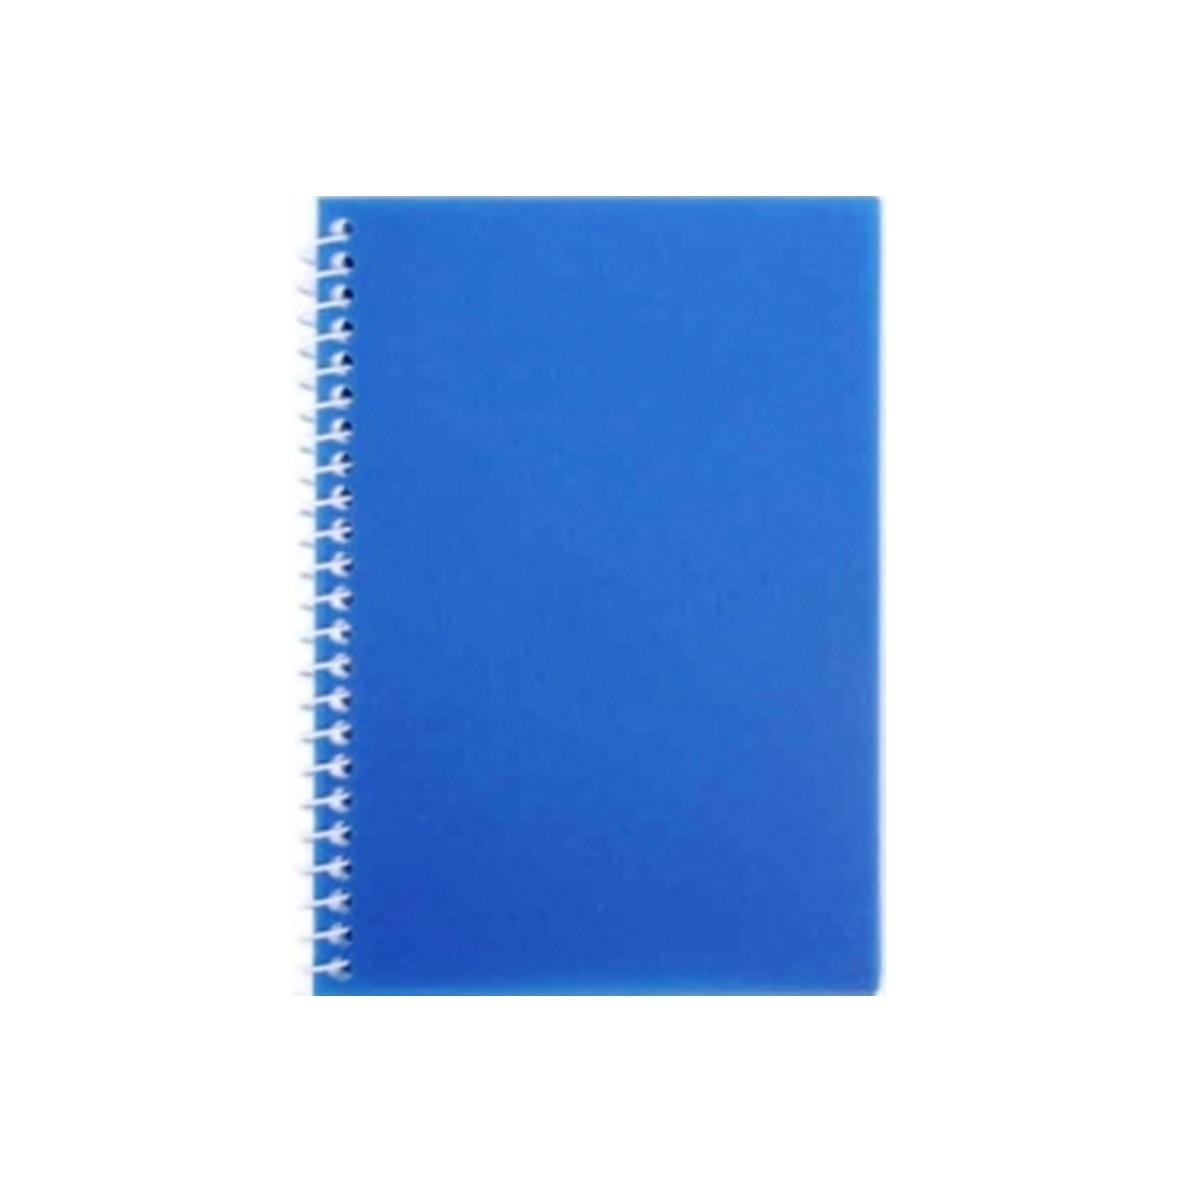 Блокнот А6, бокова спіраль, 80 арк., пластикова обкл. 20221-02, голубой